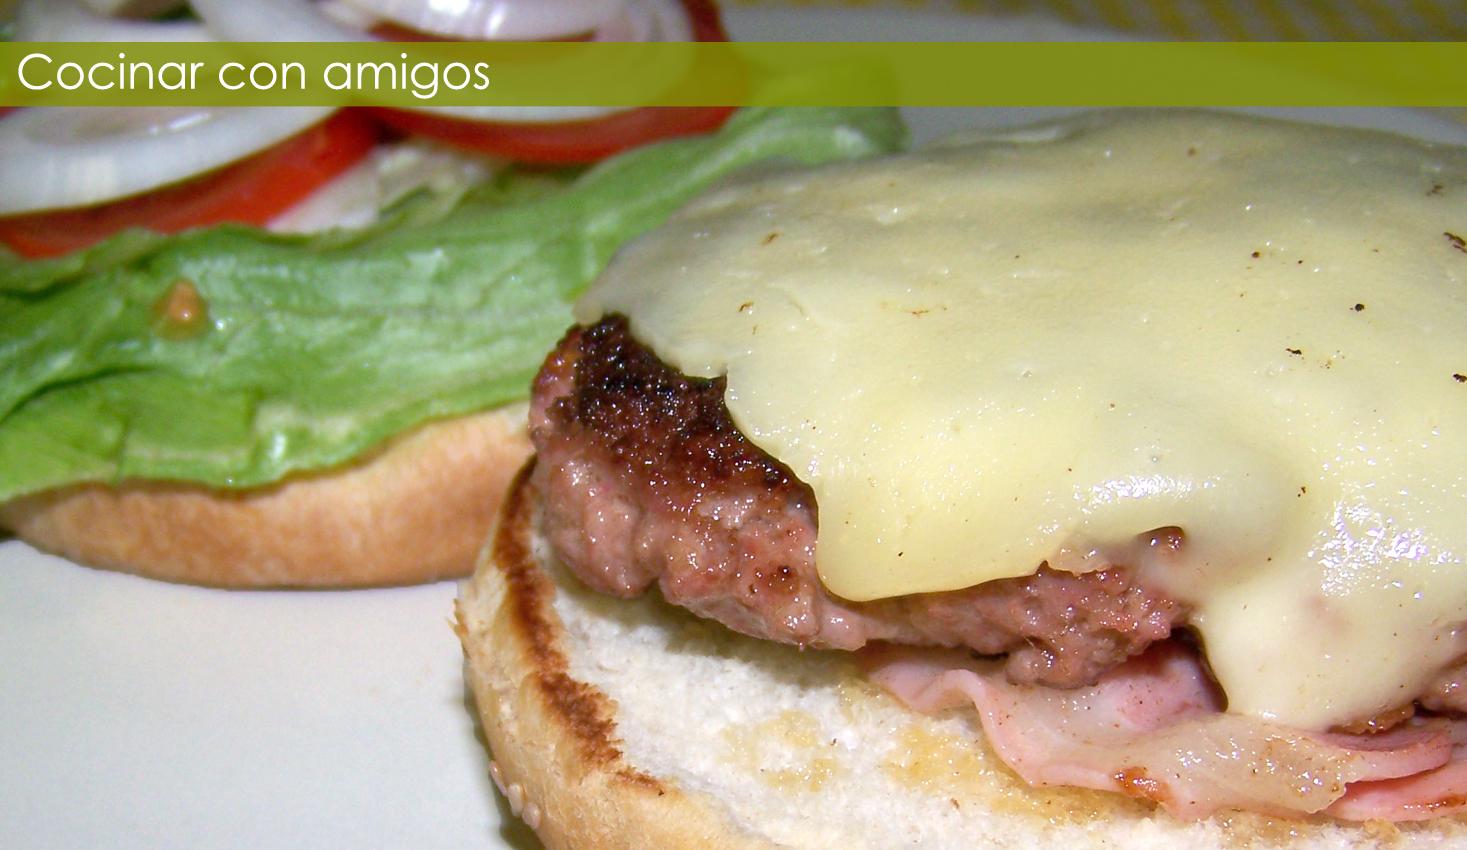 http://cocinarconamigos.blogspot.com.es/2010/11/hamburguesa-clasica-de-ternera.html?m=1